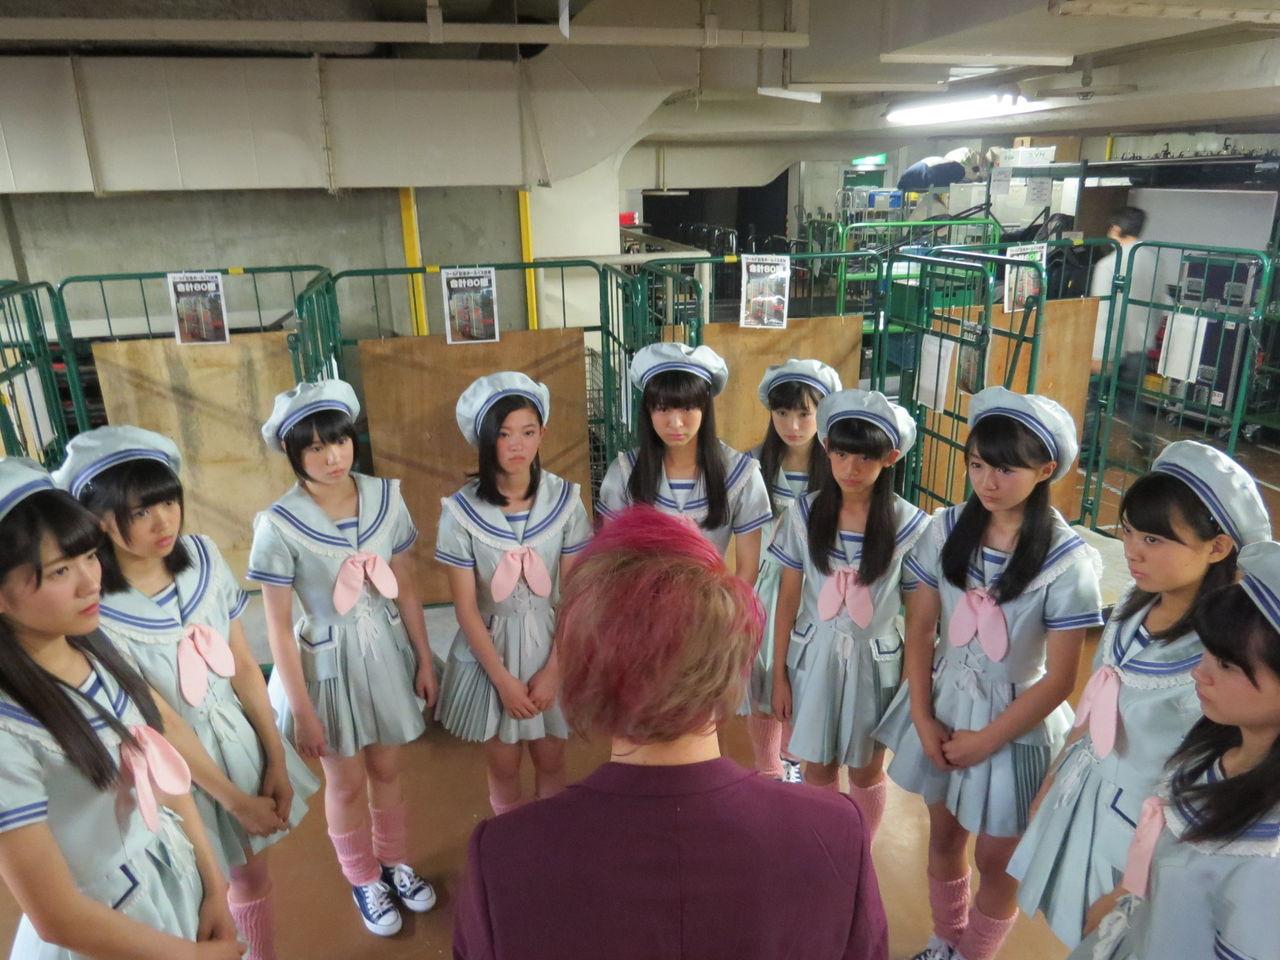 【渡辺美優紀卒業コンサート】AKIRAと5期生の集合写真キタ━━━━(゚∀゚)━━━━!!